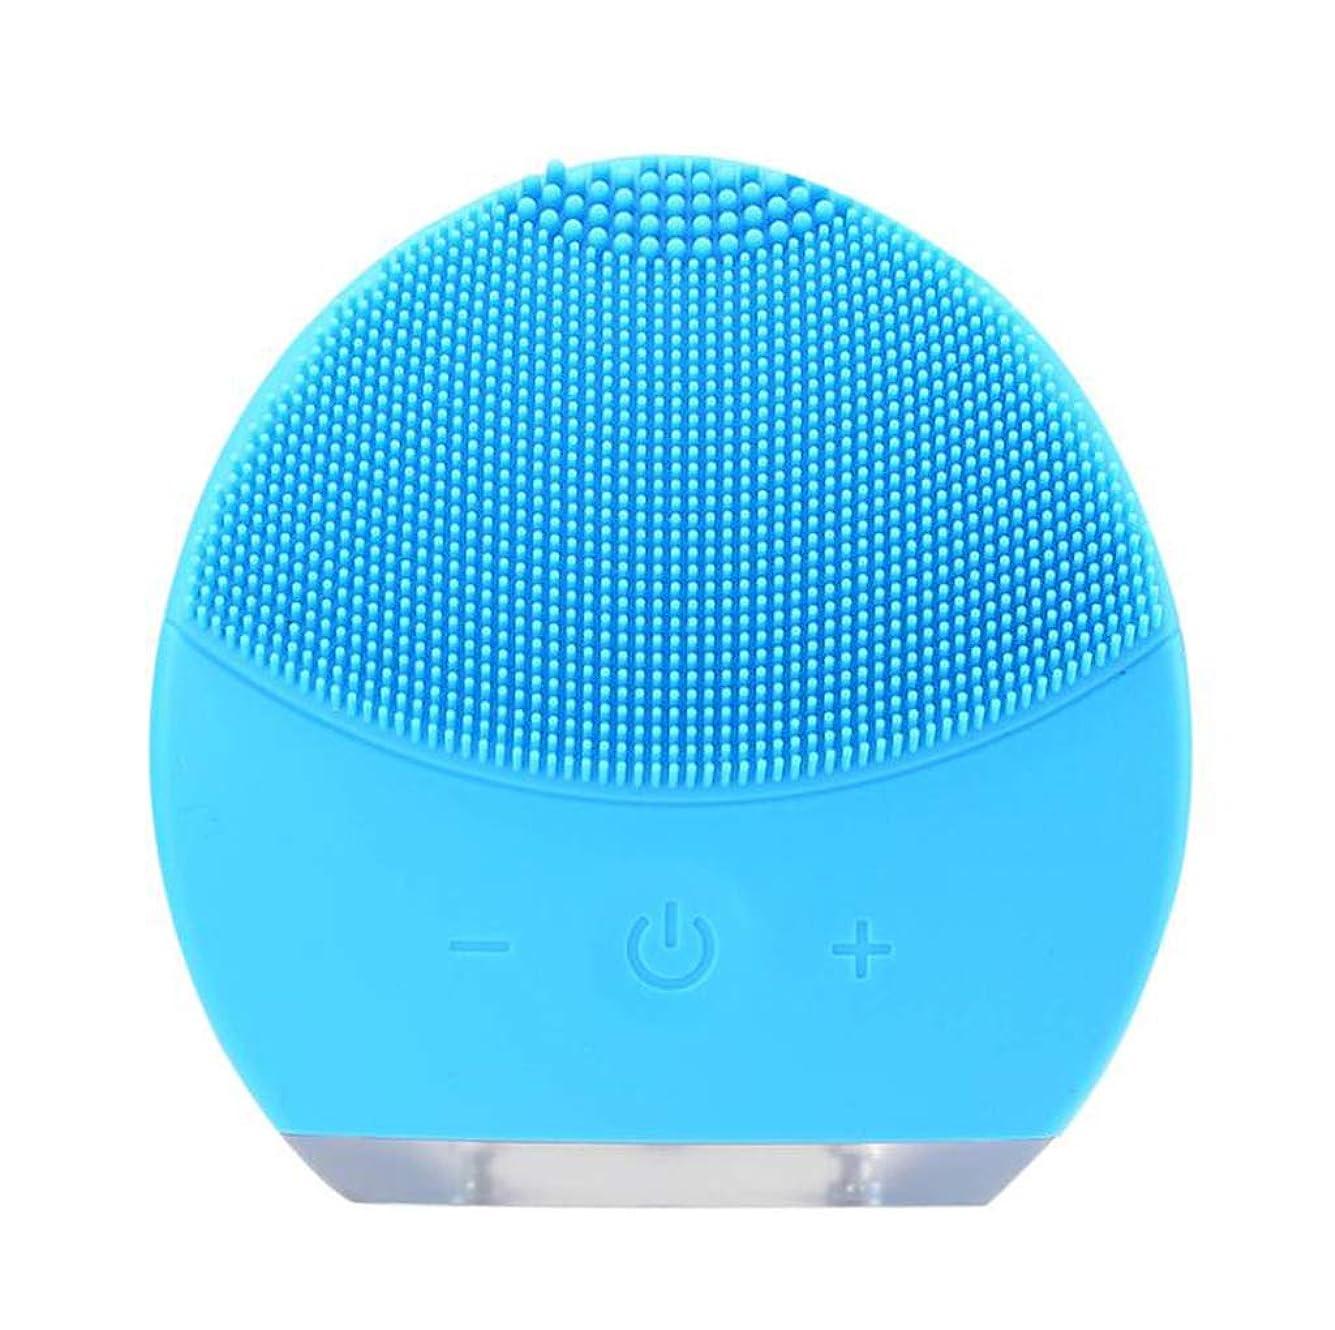 薄めるボール摂氏度超音波振動美容機器洗浄器、皮膚の毛穴を最小限に抑えるマイクロダーマブレーション毛穴、USB 充電と防水,Blue